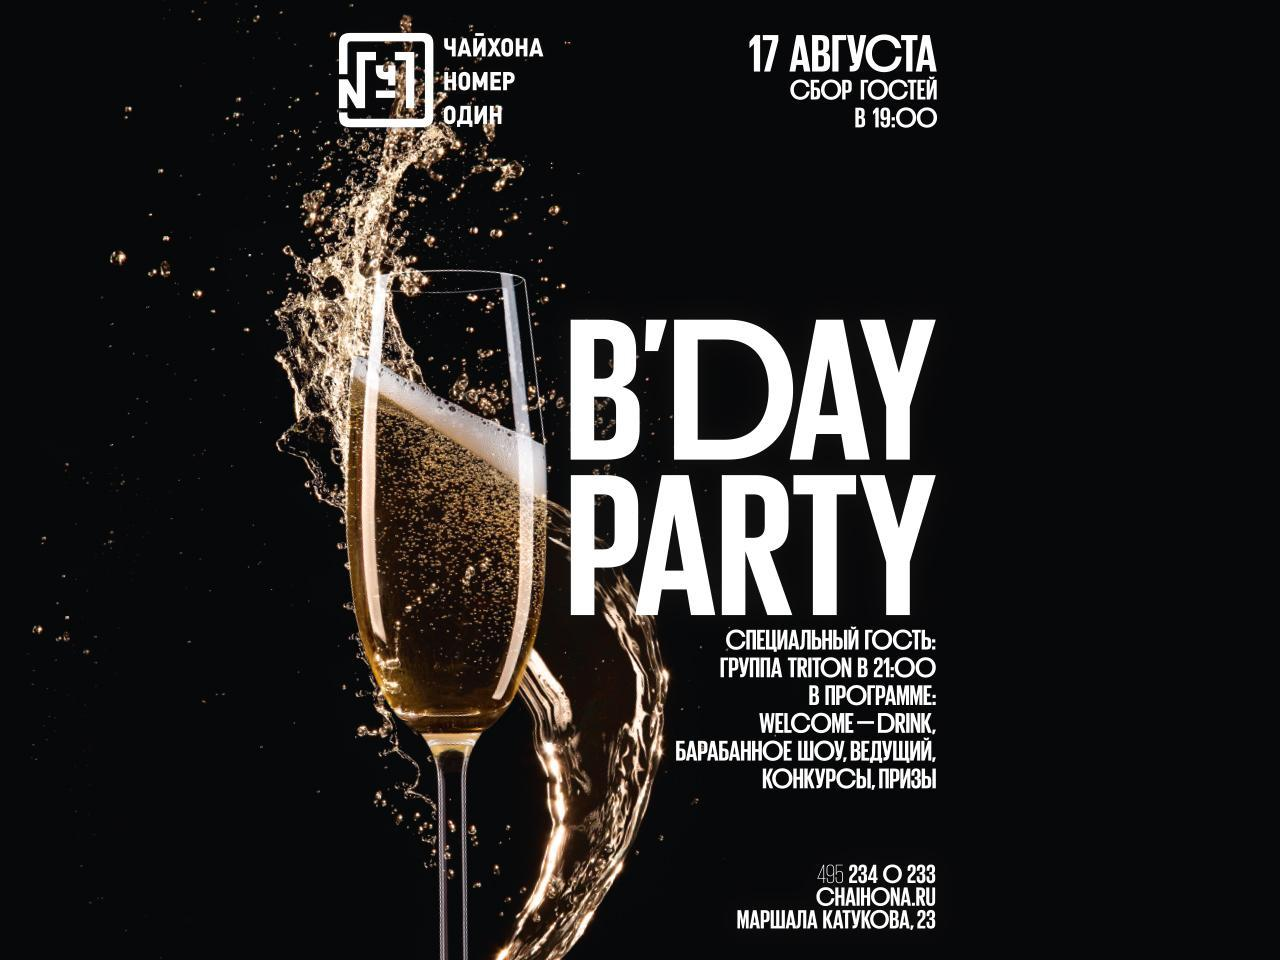 День рождения Чайхоны №1 в Строгино